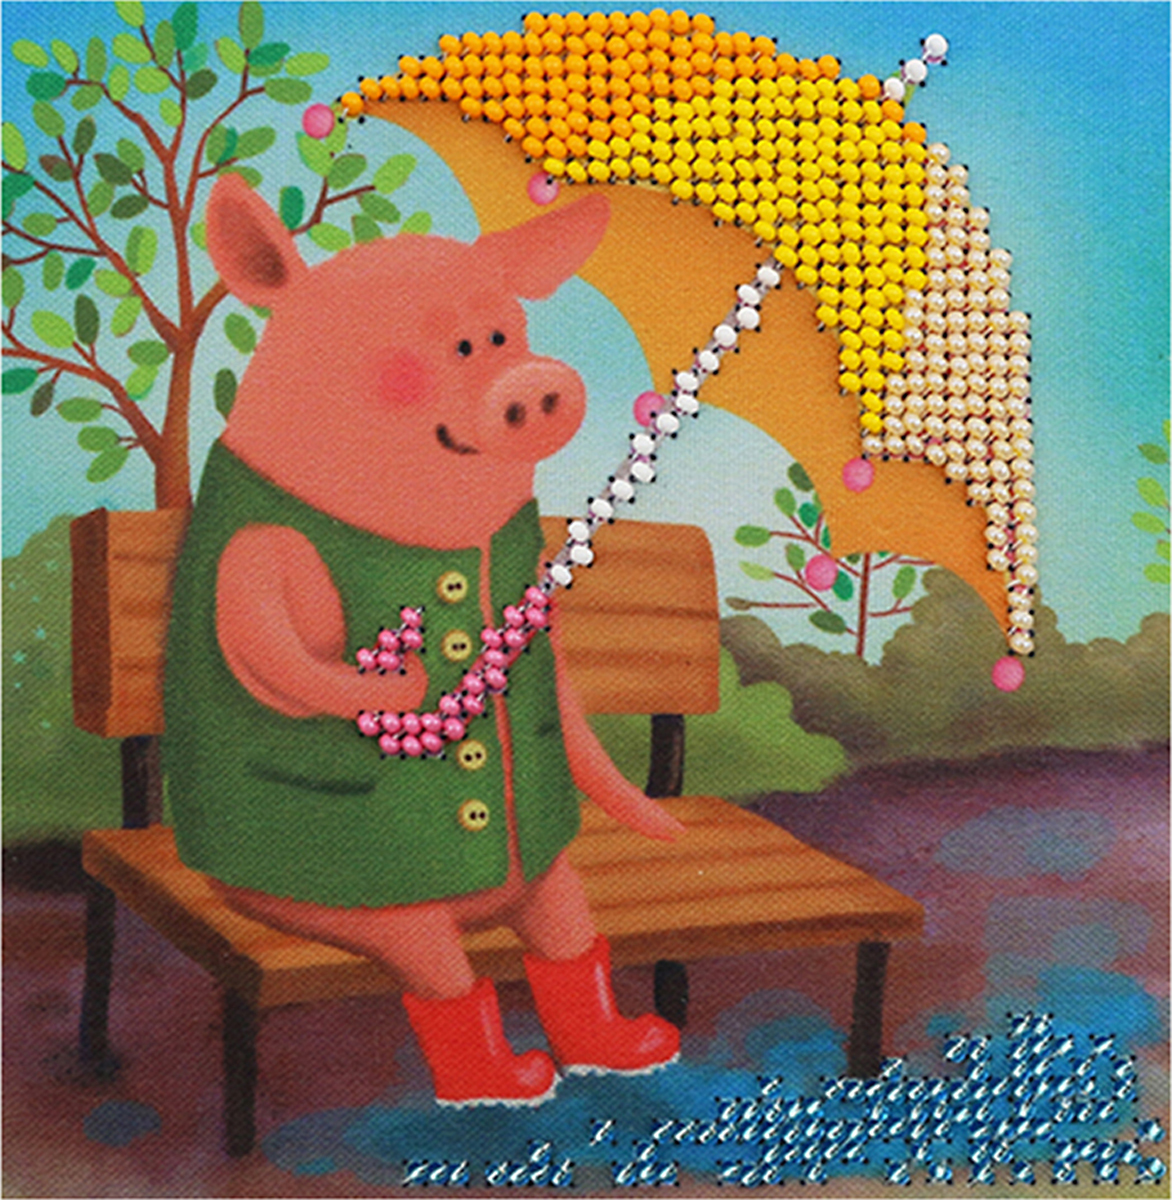 Набор для вышивания бисером Бисеринка Под зонтиком, 12 х 12 см набор для вышивания бисером бисеринка под зонтиком 12 х 12 см